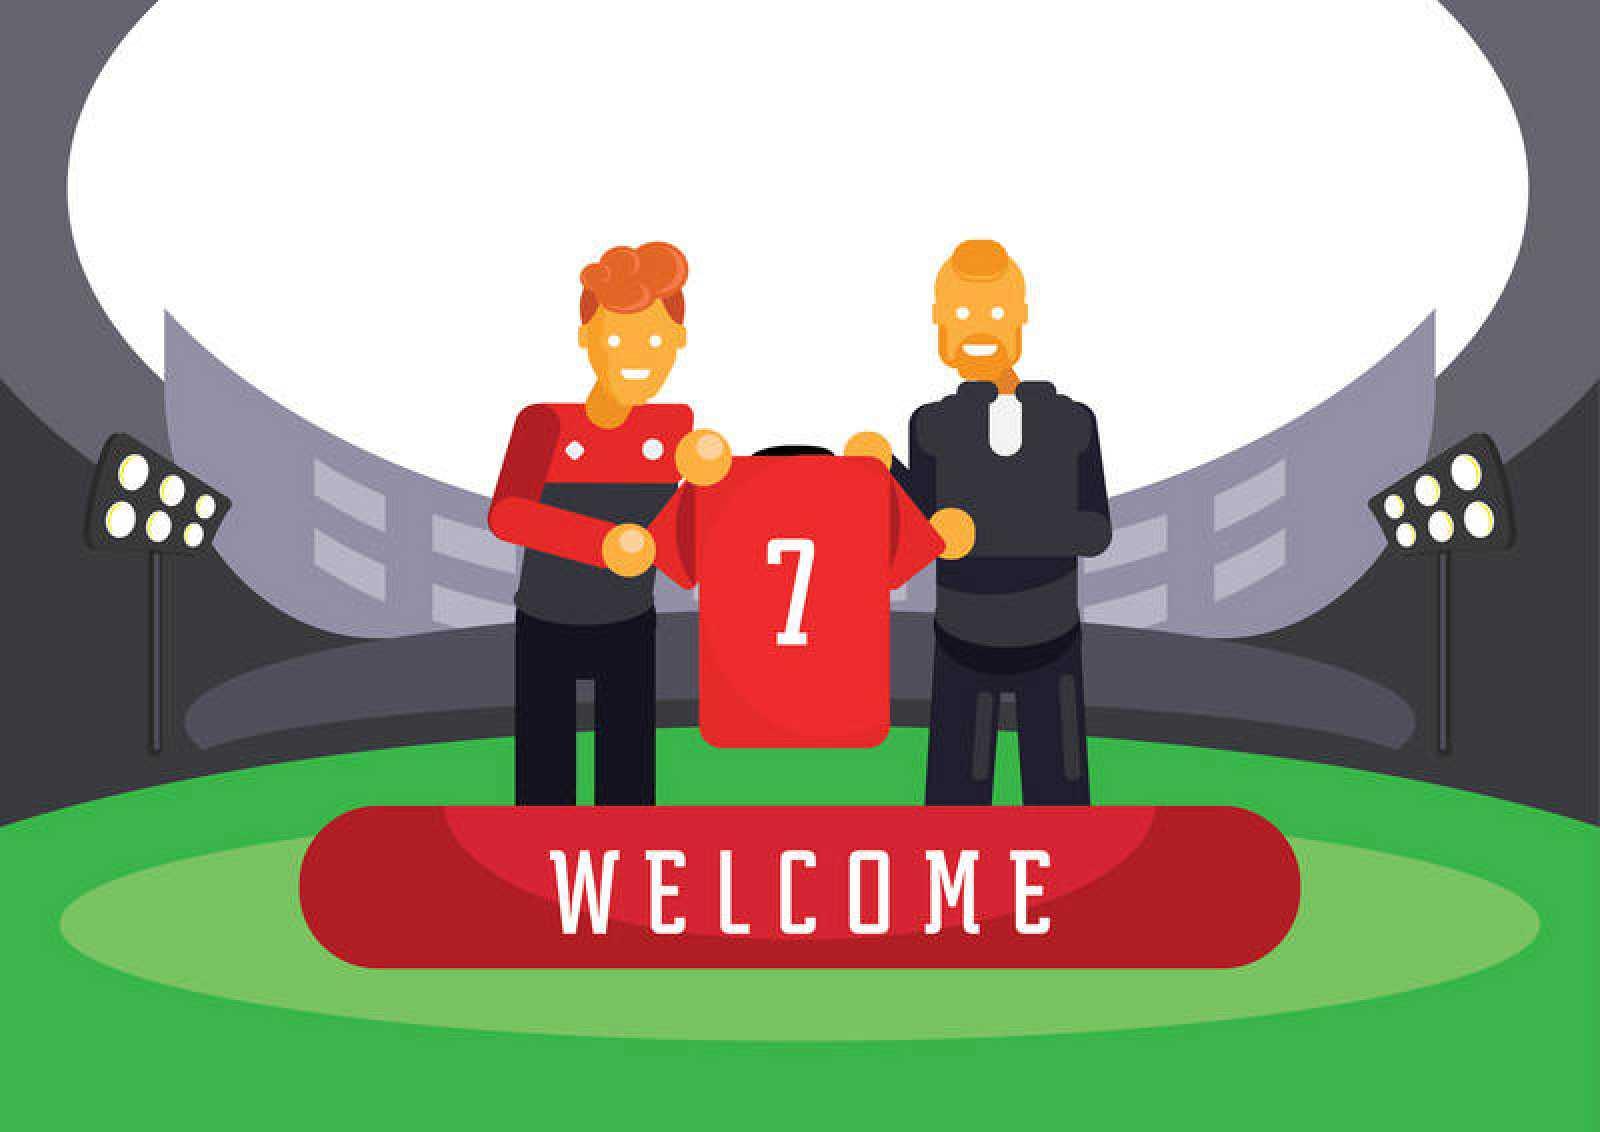 Ilustración digital de la presentación de futbolista tras su fichaje por un equipo